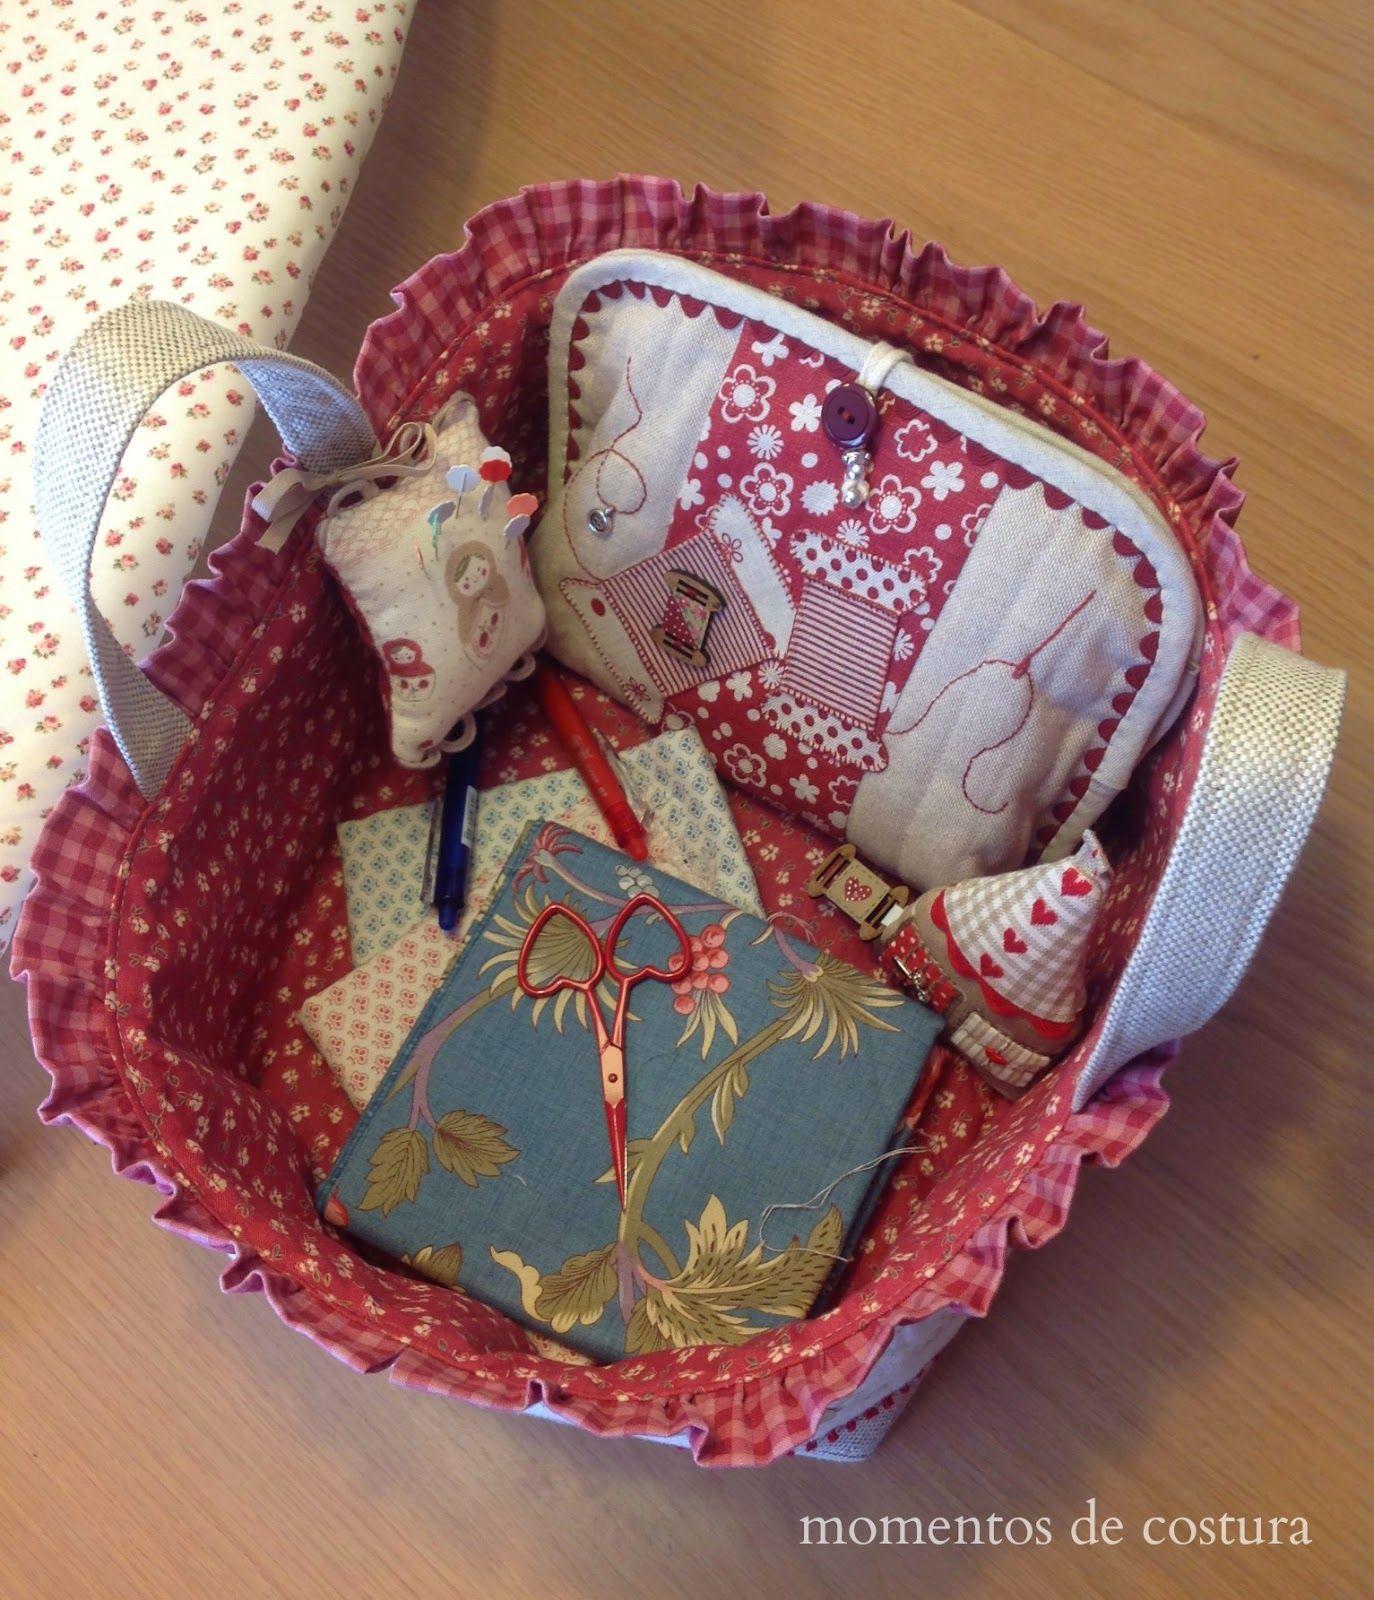 Momentos de costura cesta de tela patchwork y costura - Cesta de costura ...